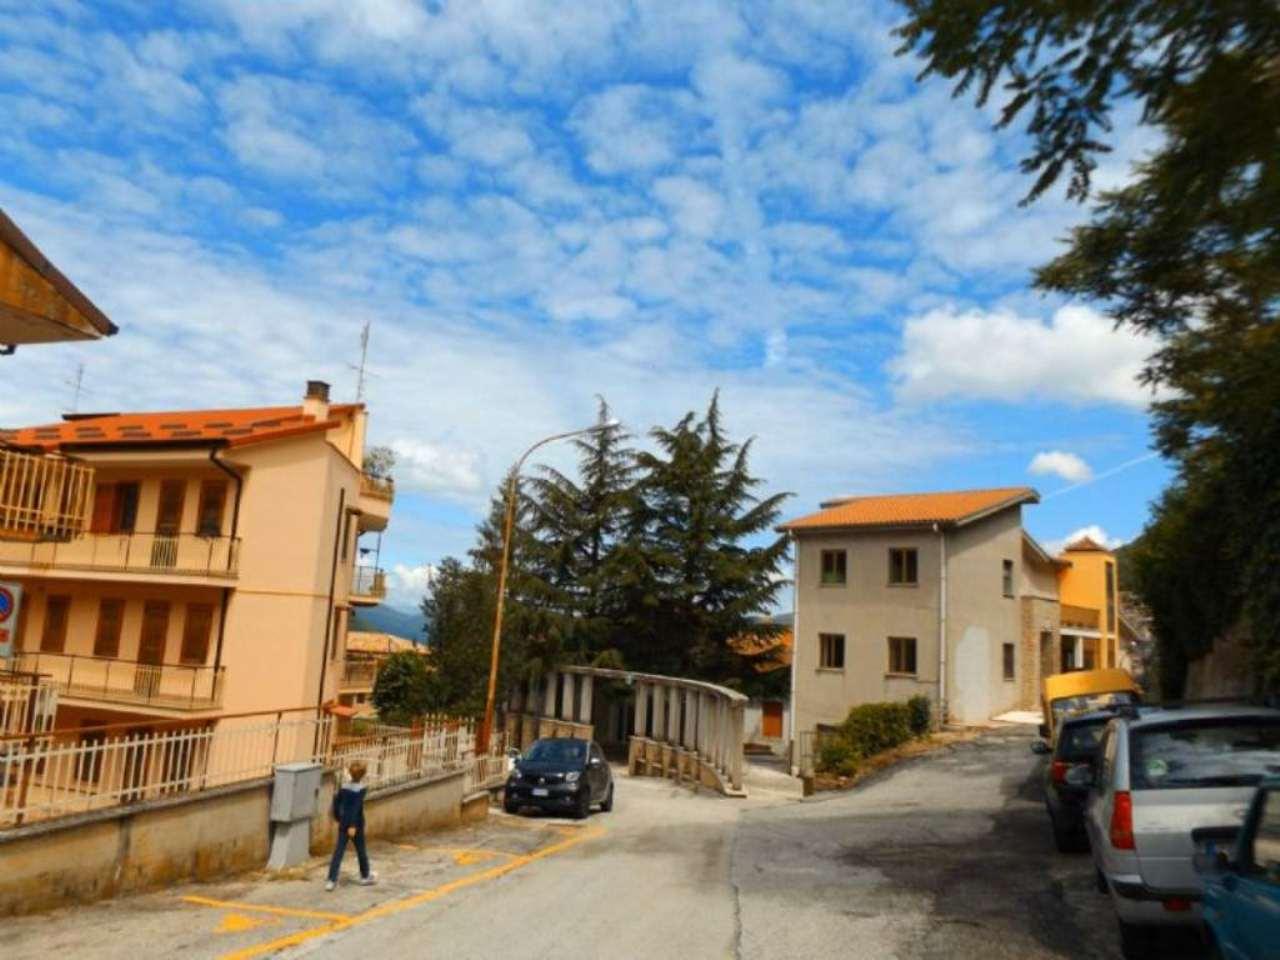 Appartamento in vendita a Paganico Sabino, 3 locali, prezzo € 46.000 | Cambio Casa.it